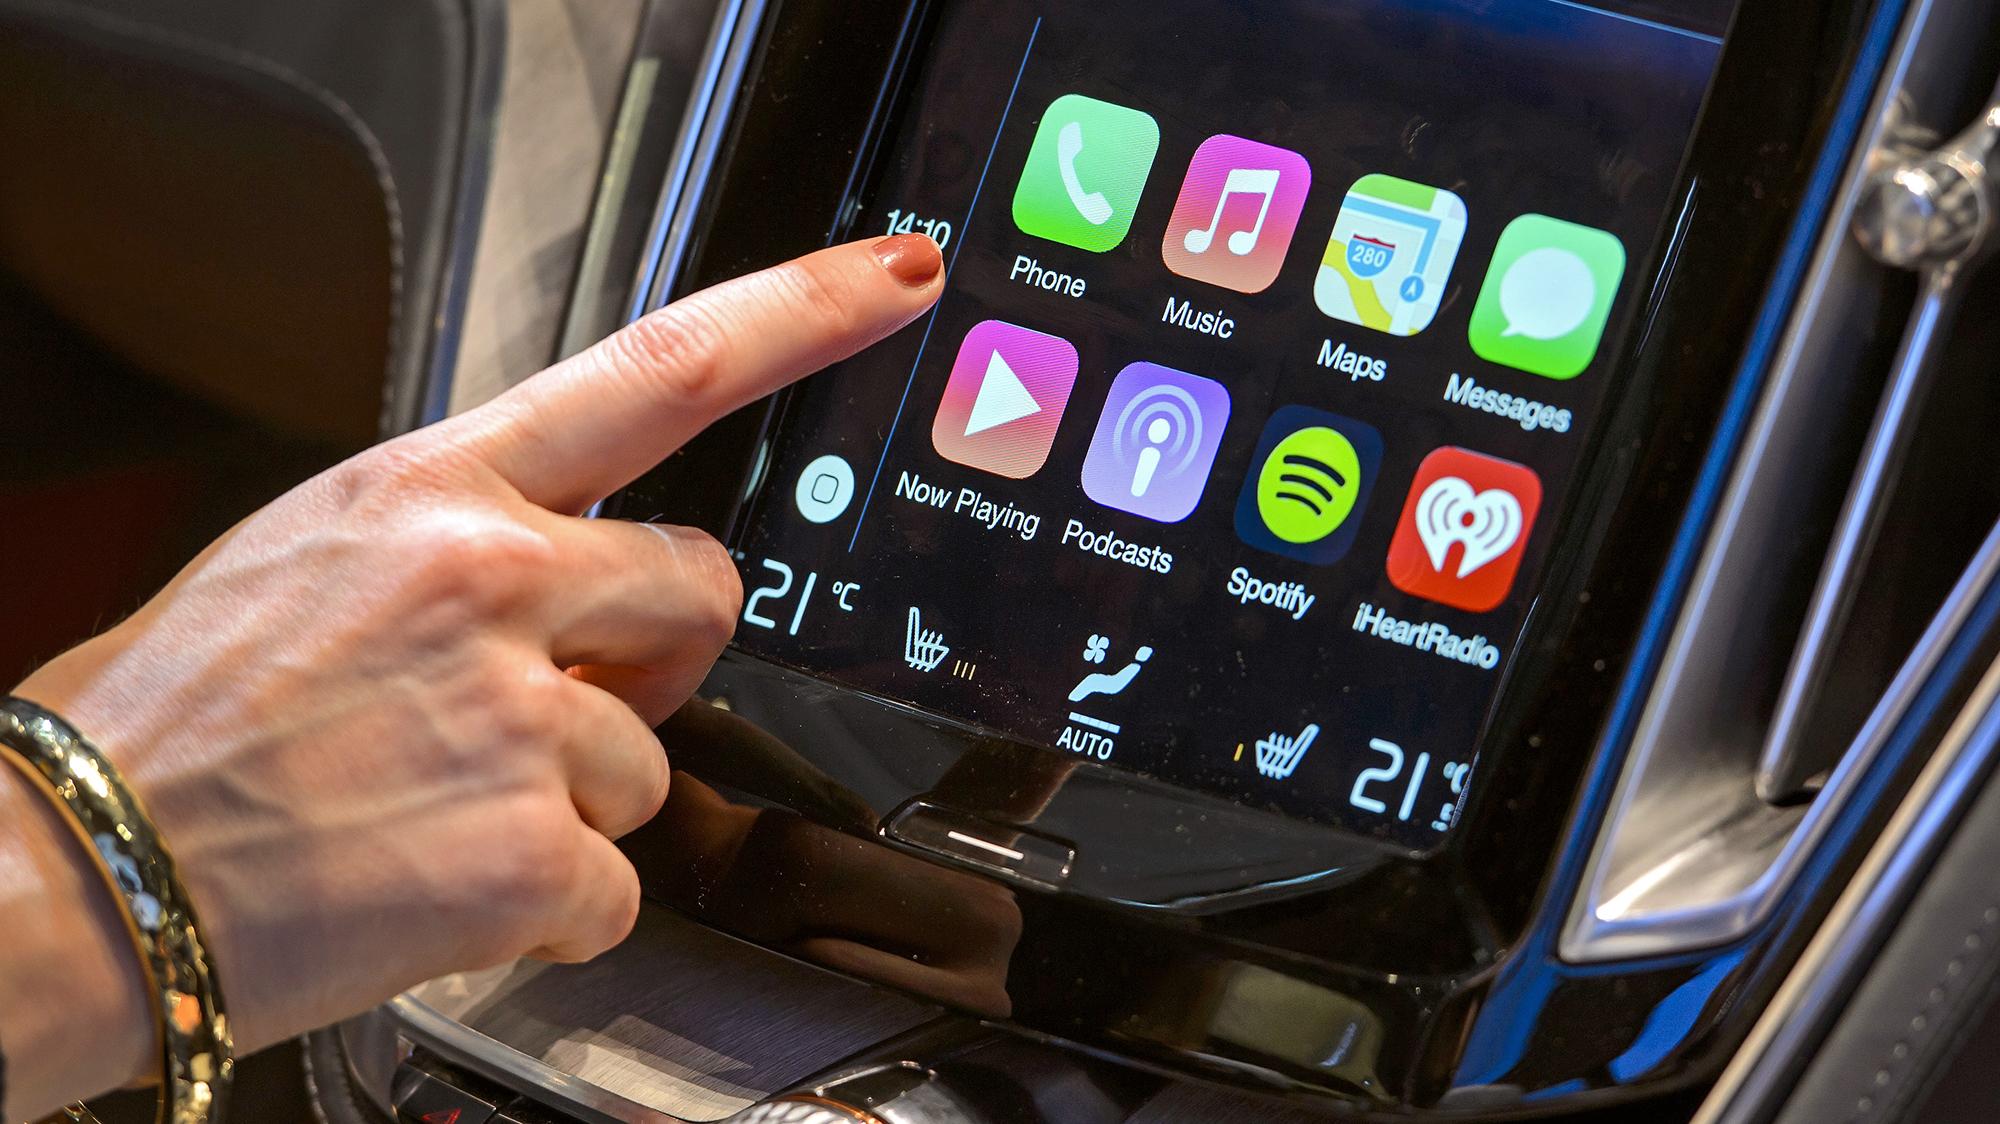 CarPlay inalámbrico: cómo usar Apple CarPlay de forma inalámbrica con su automóvil